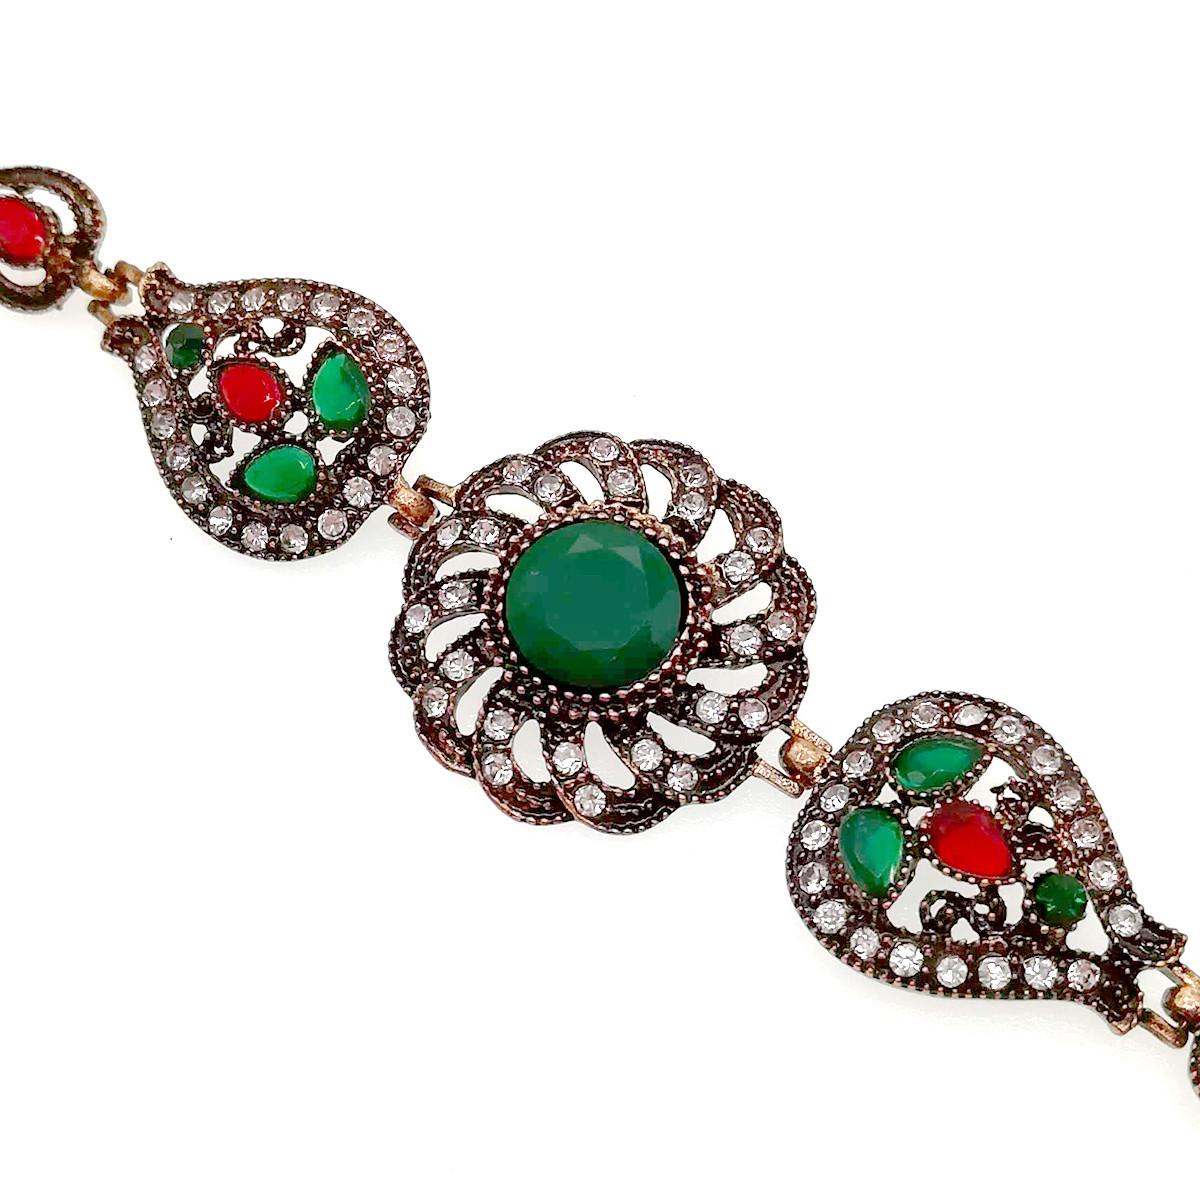 Браслет SONATA красные, зеленые и белые фианиты, 51923             (17 см)